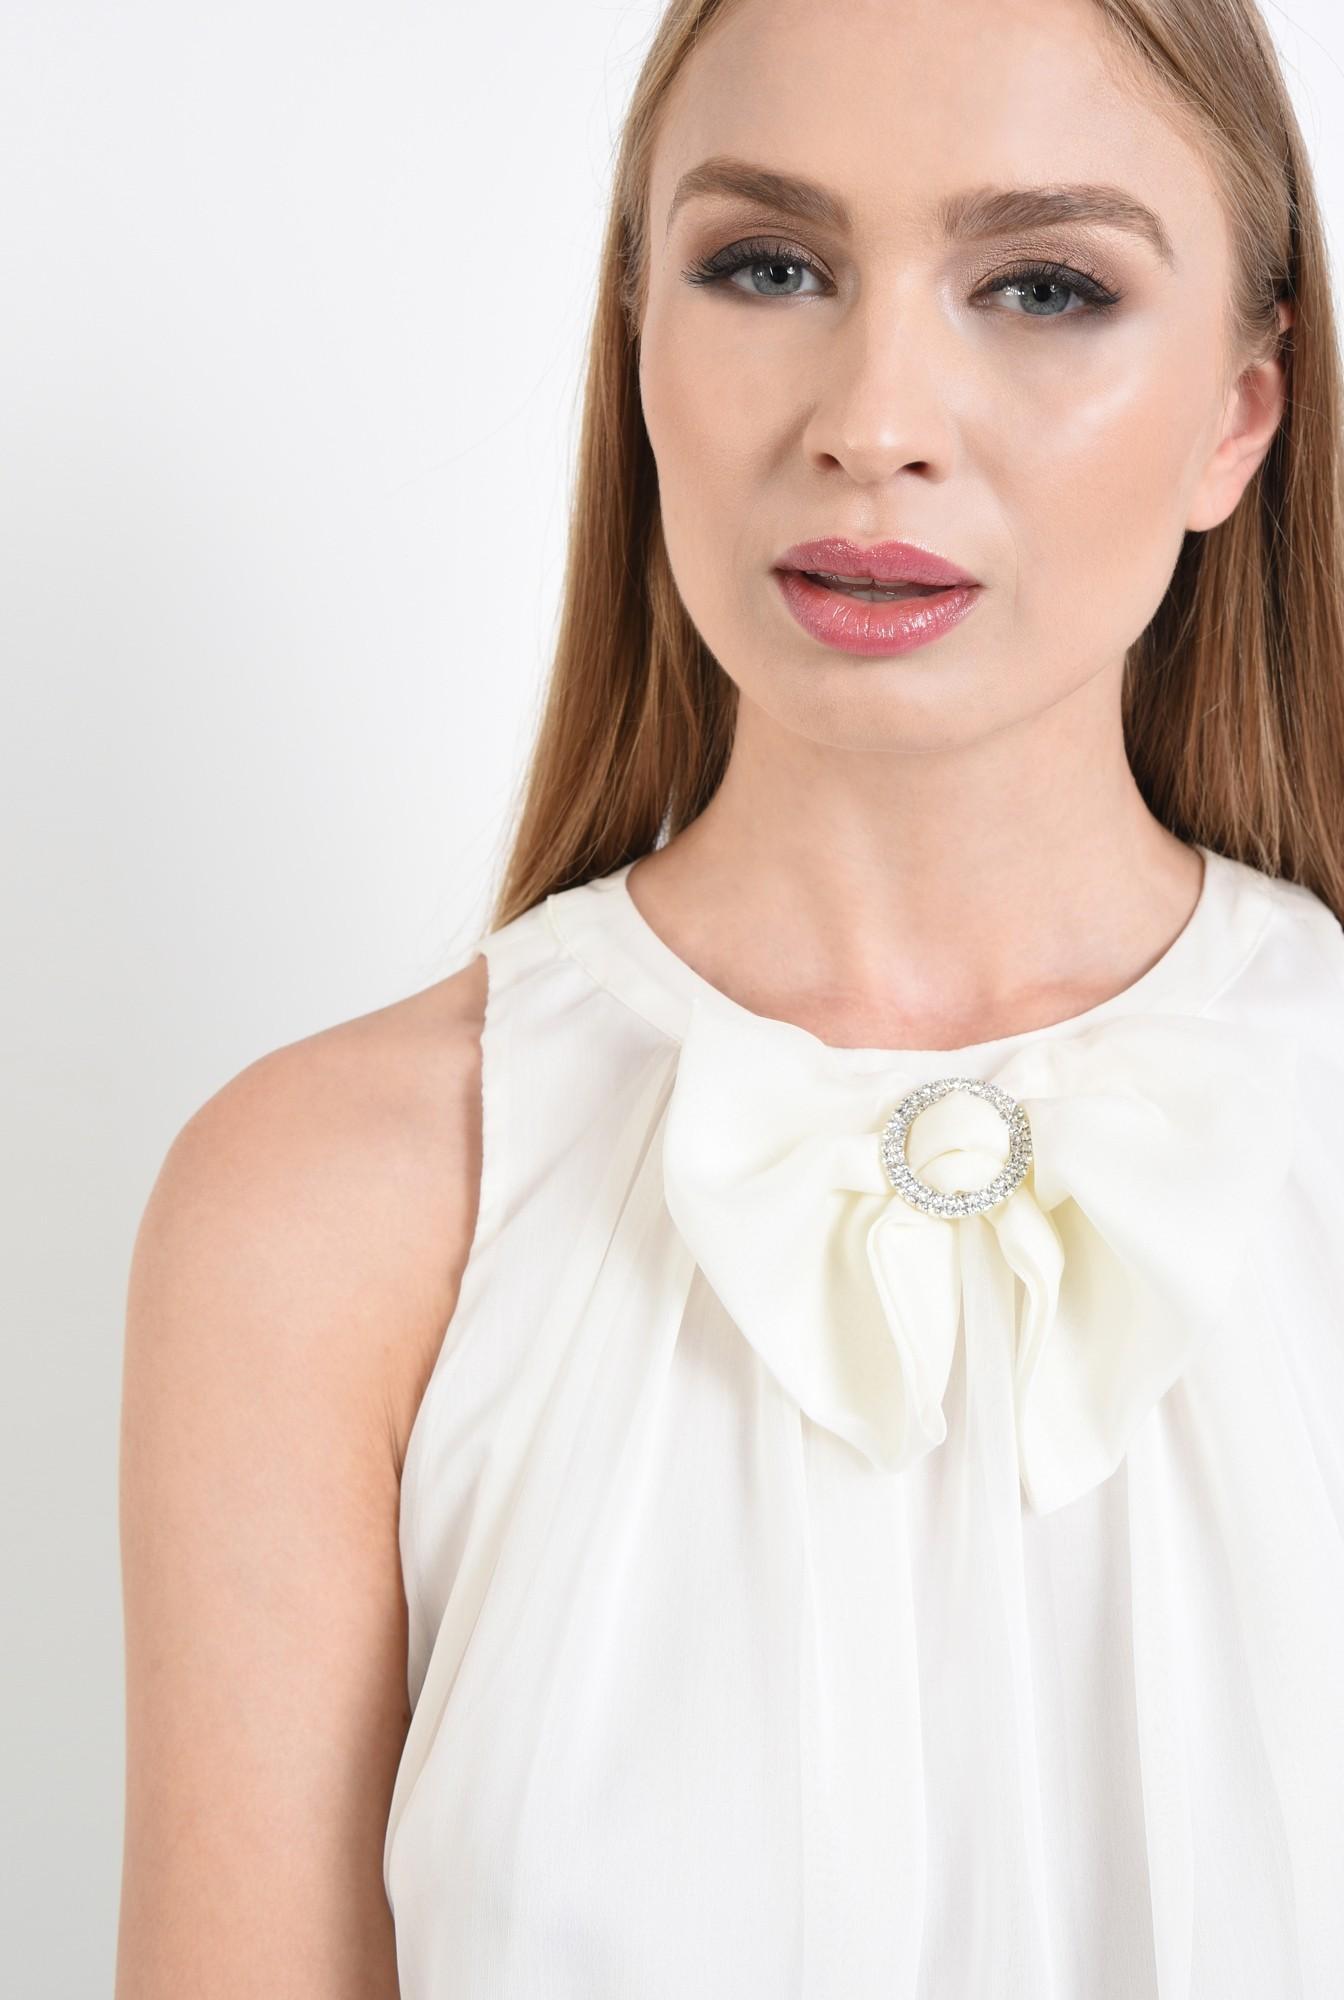 2 - bluza eleganta, din sifon, cu funda, strasuri, alb